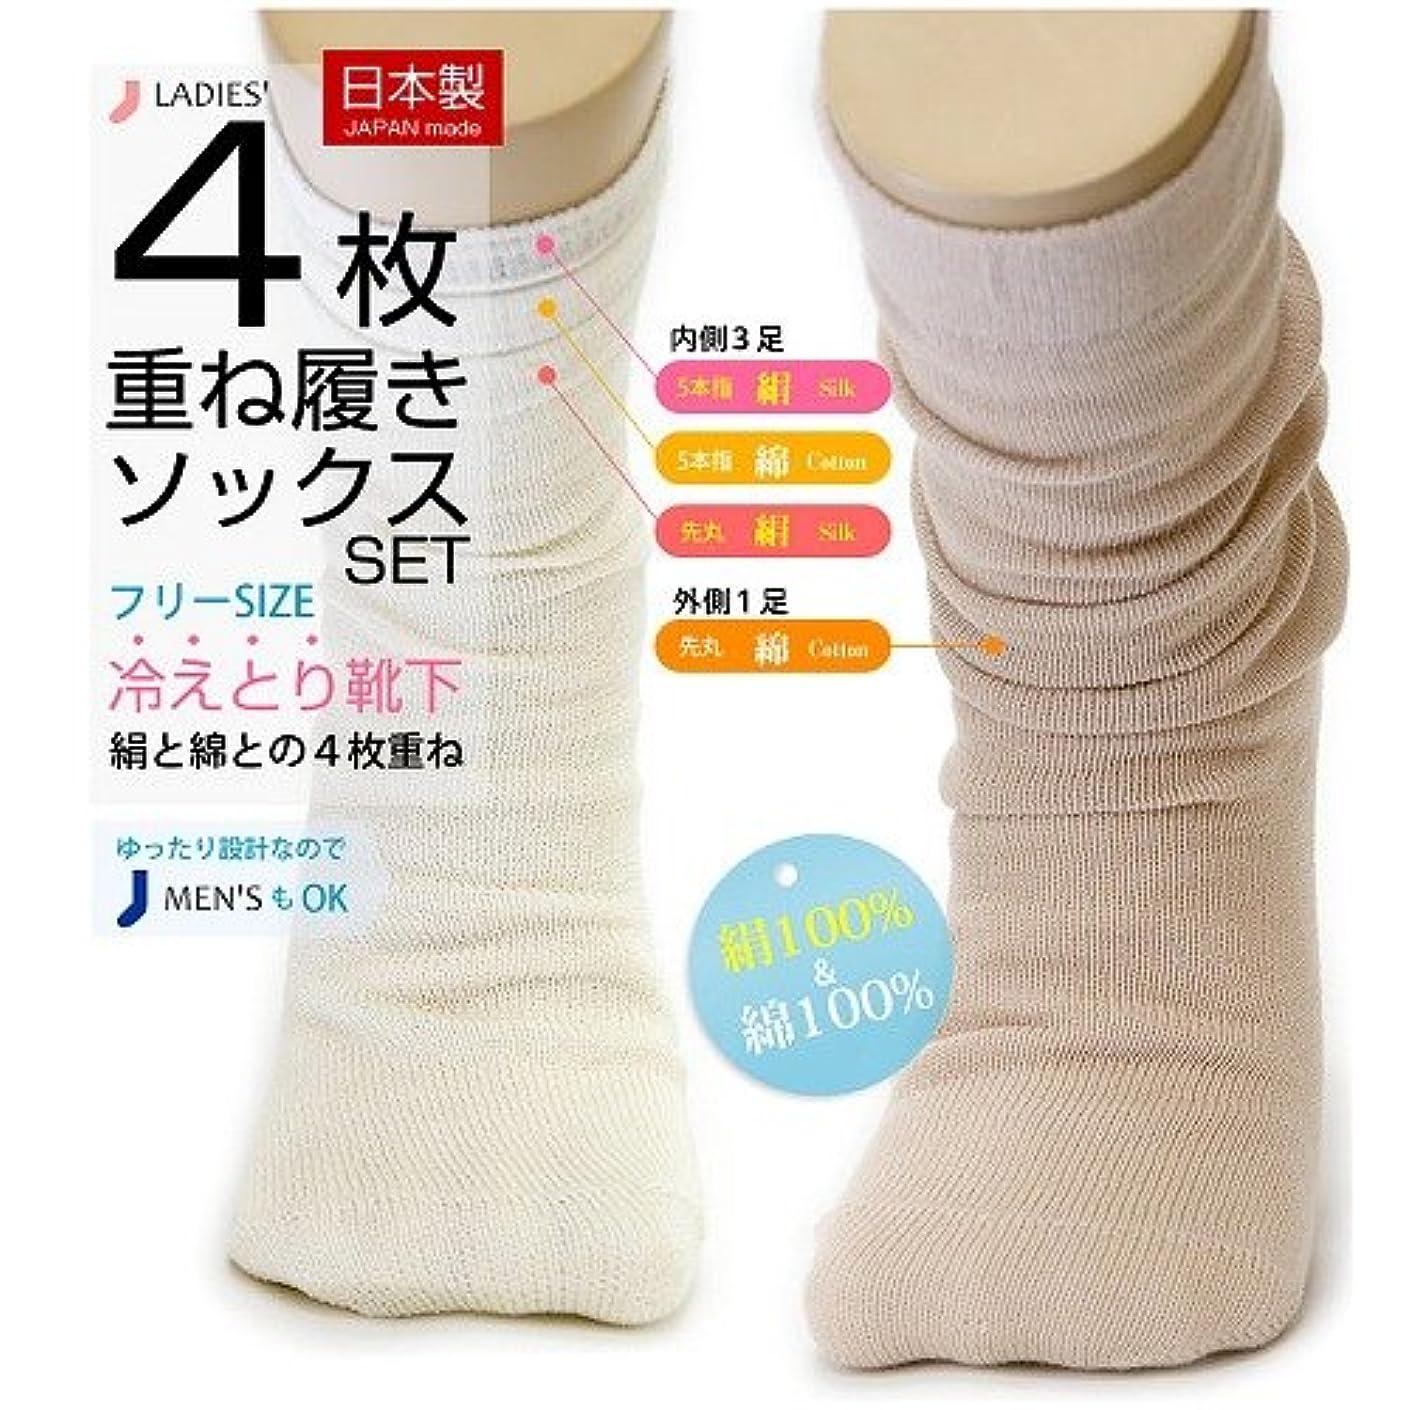 目指す注ぎます遊び場冷え取り靴下 綿100%とシルク100% 最高級の日本製 4枚重ねばきセット(外側チャコール)